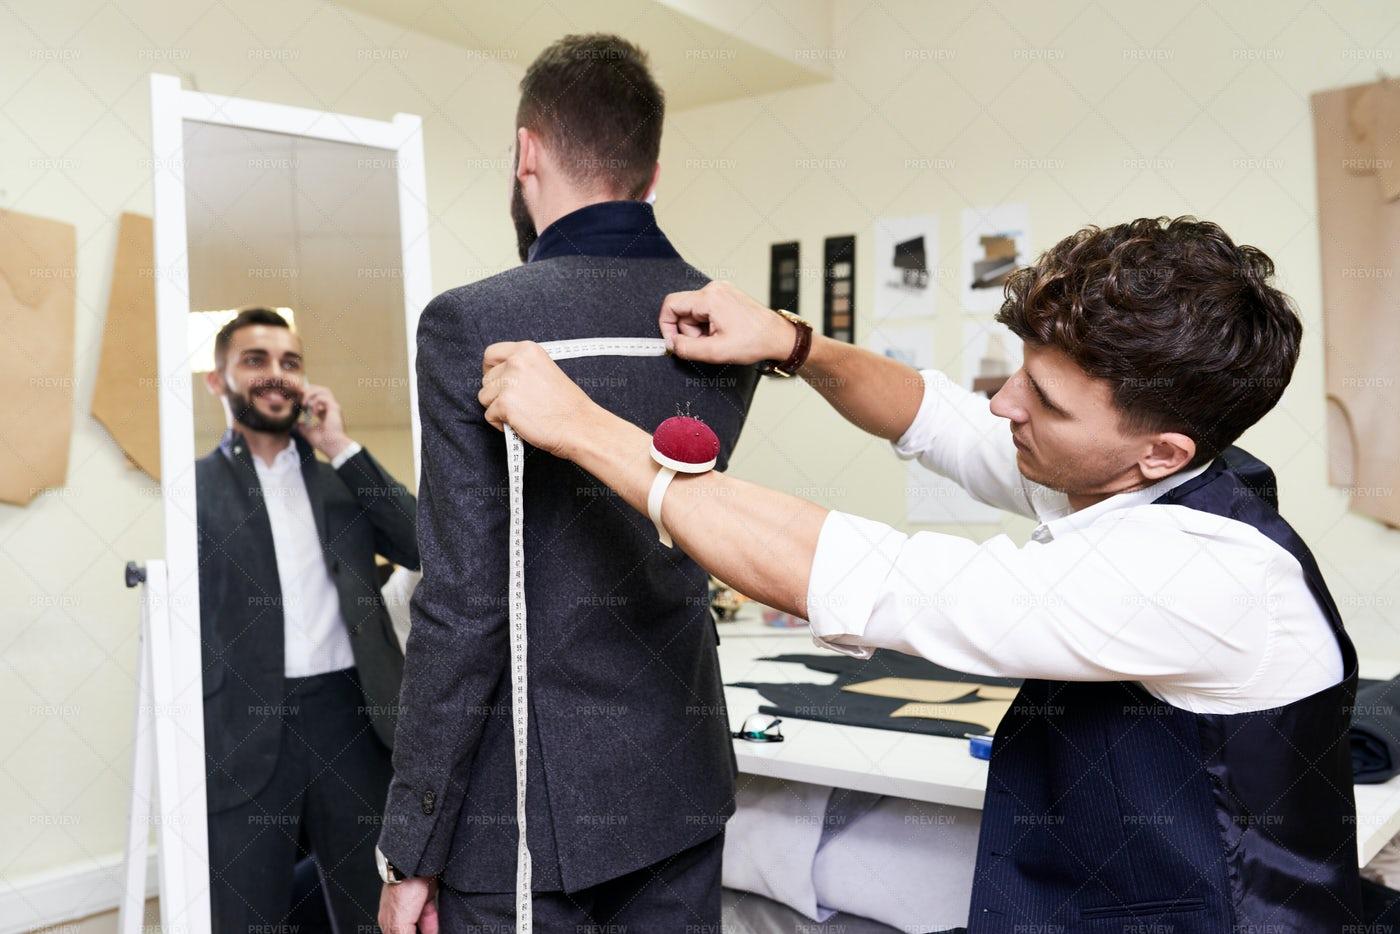 Measuring Customer At Sewing...: Stock Photos